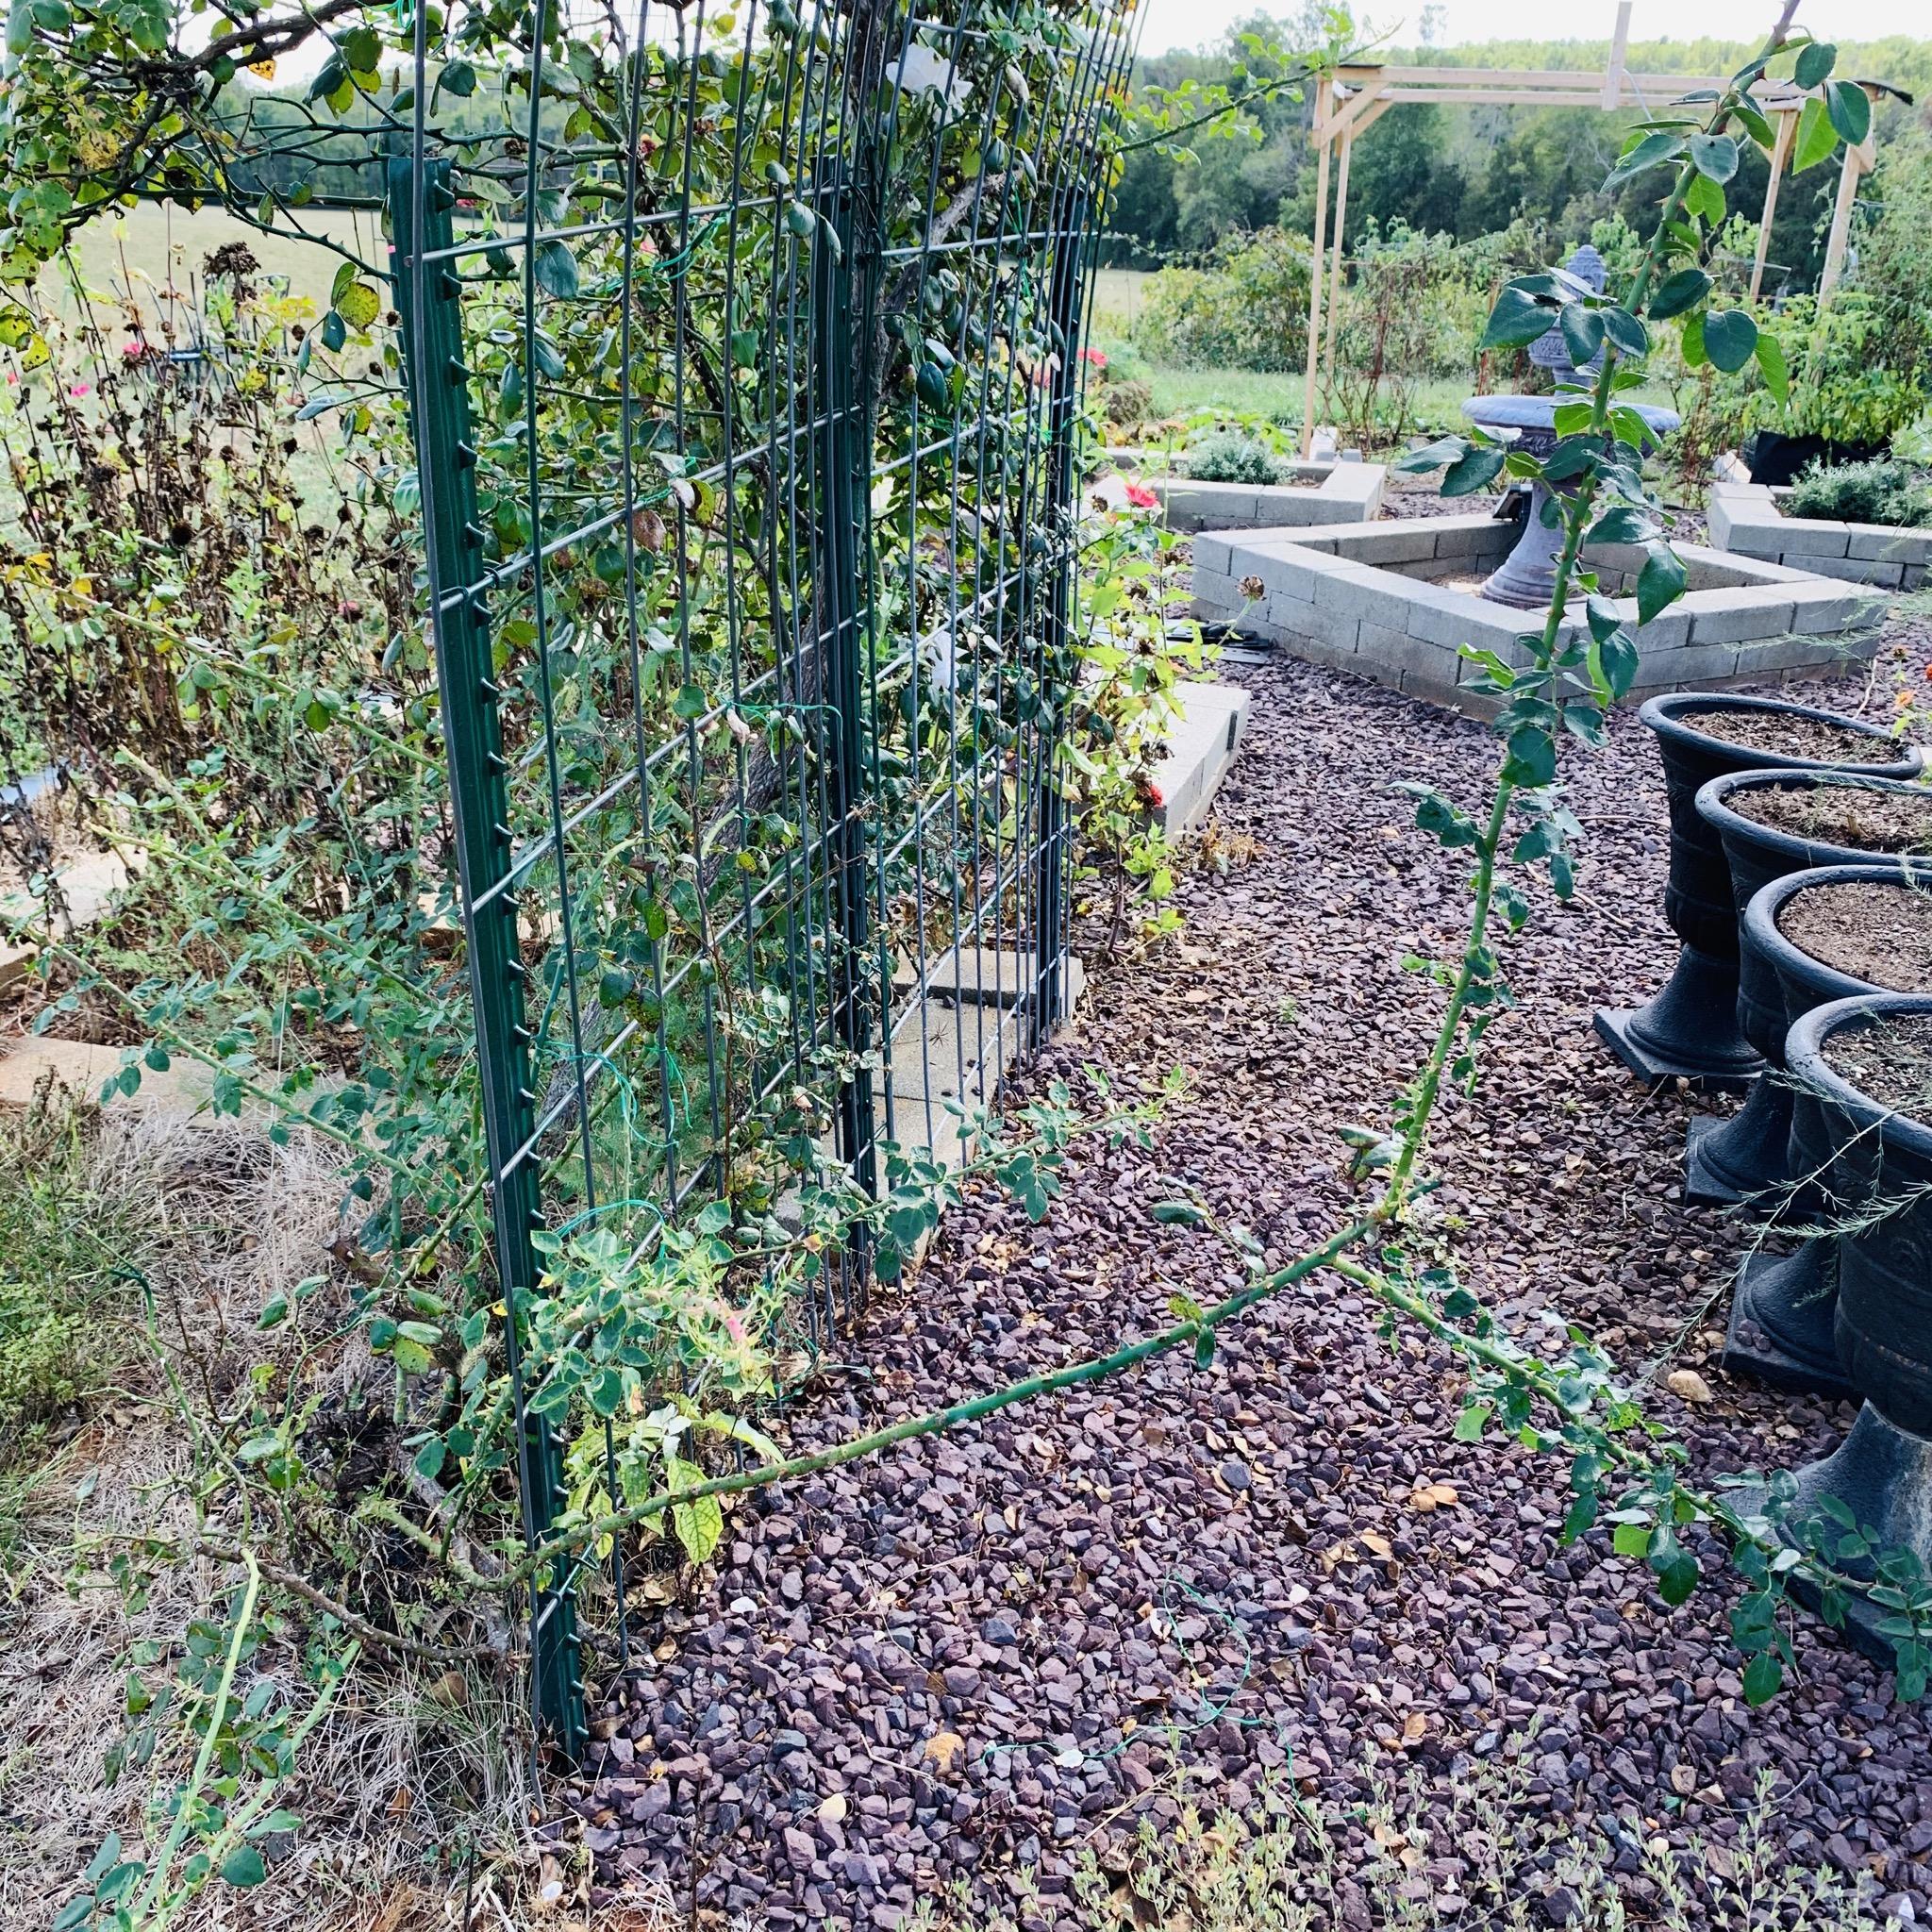 956E2298 8734 40D7 A0D5 29699A46F300 The garden is still producing